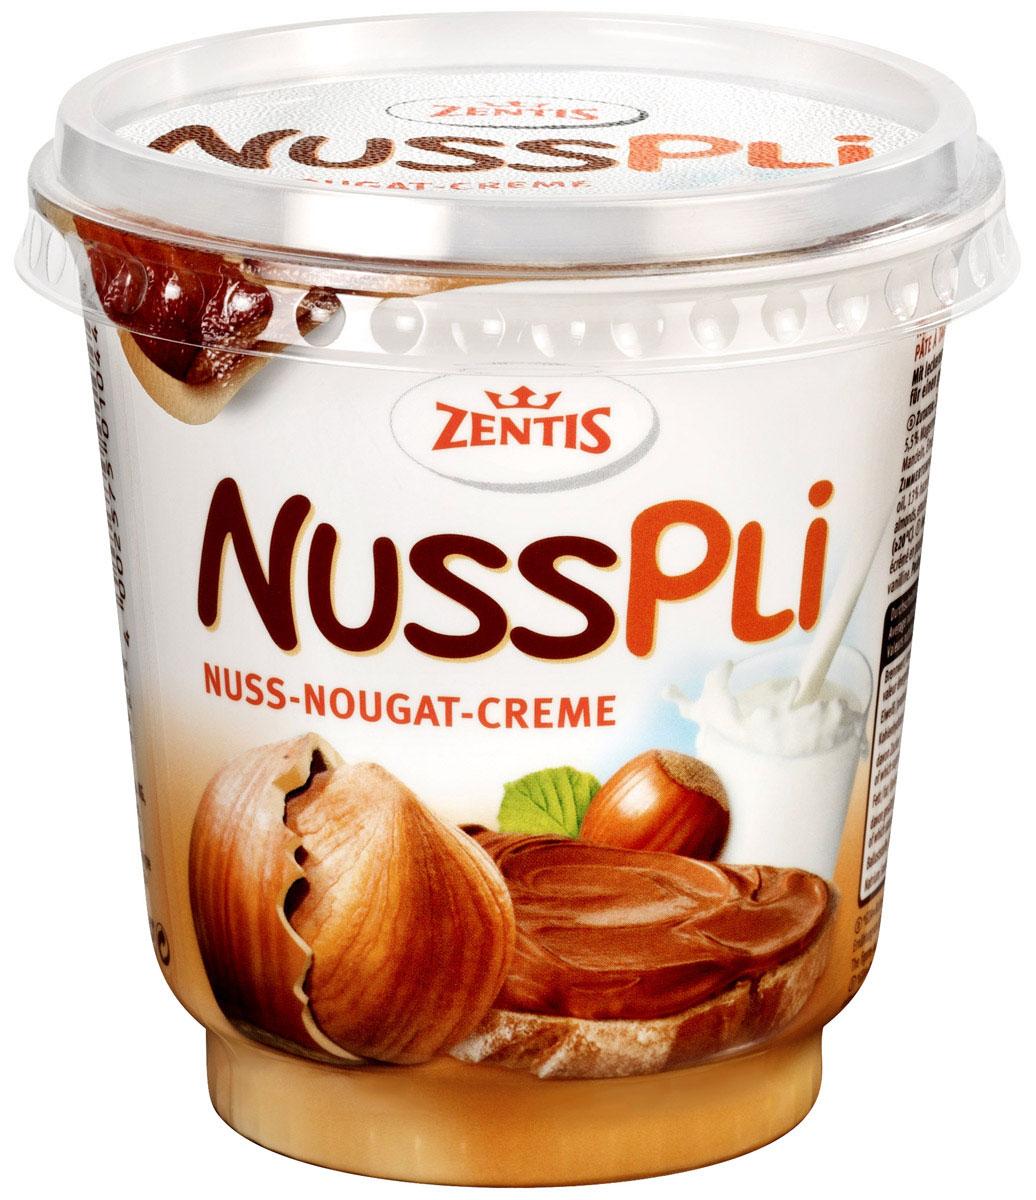 Zentis Nusspli ореховая паста с добавлением какао, 400 г naturaliber паста шоколадная с абрикосом 225 г